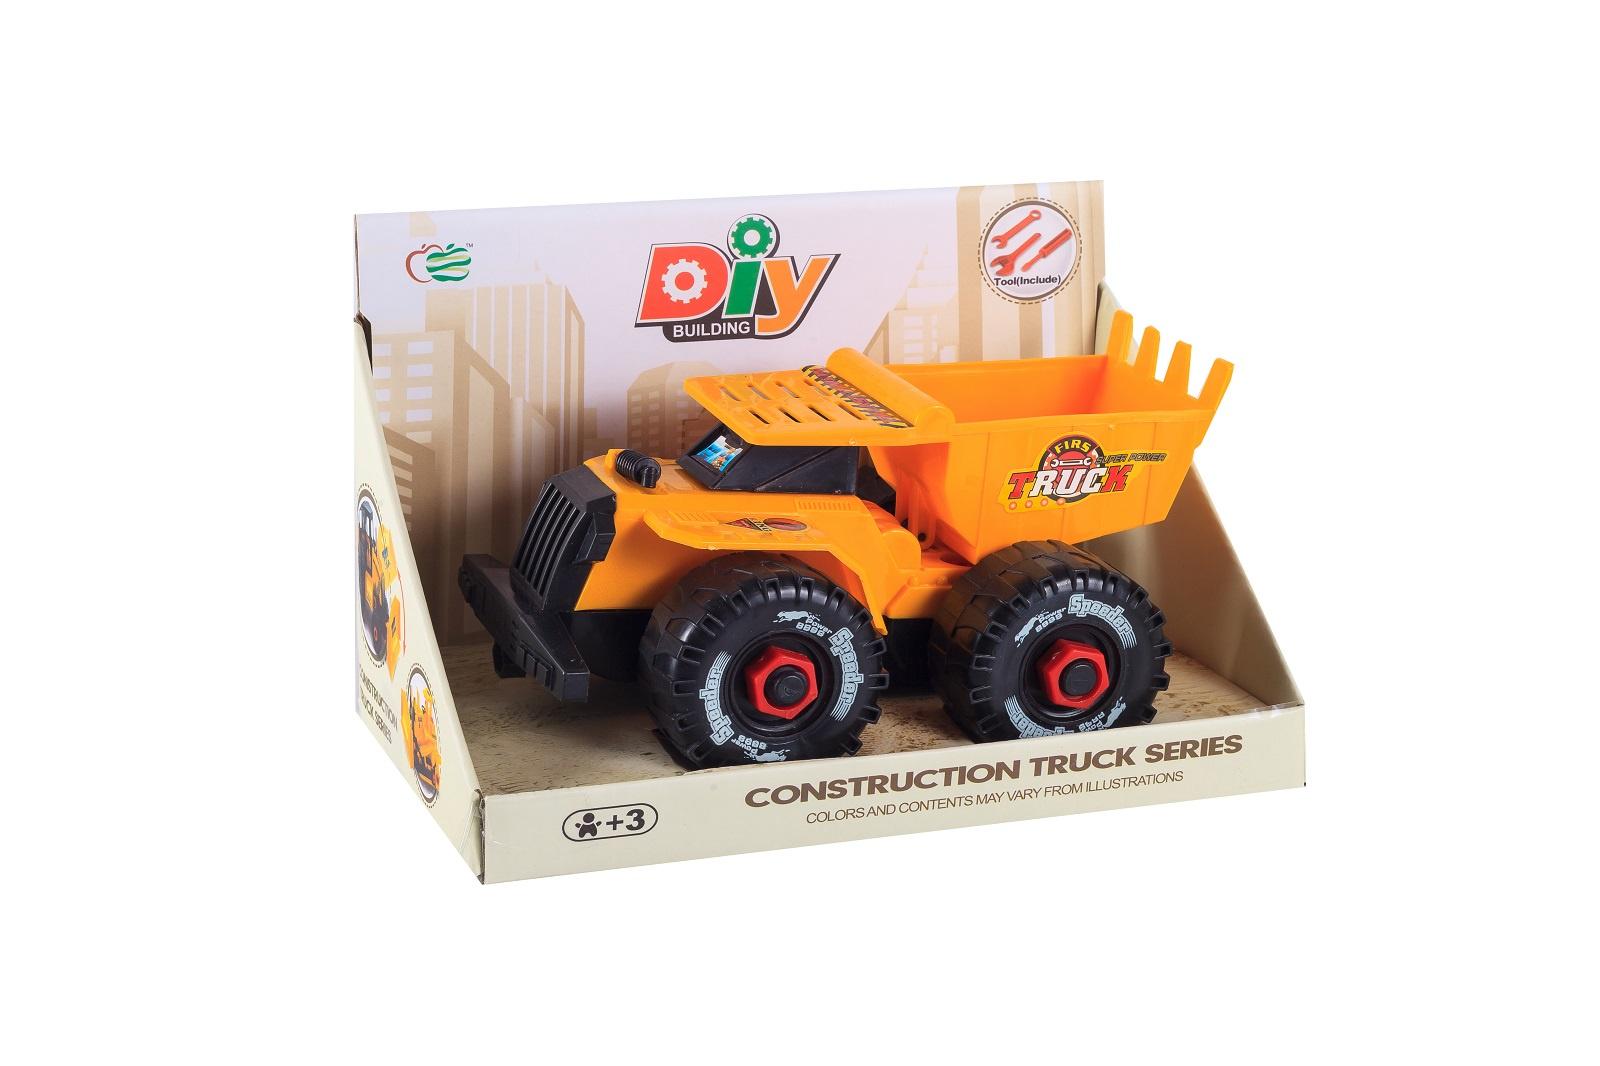 Машинка-конструктор S+S Спецтехника, 200107126, оранжевый